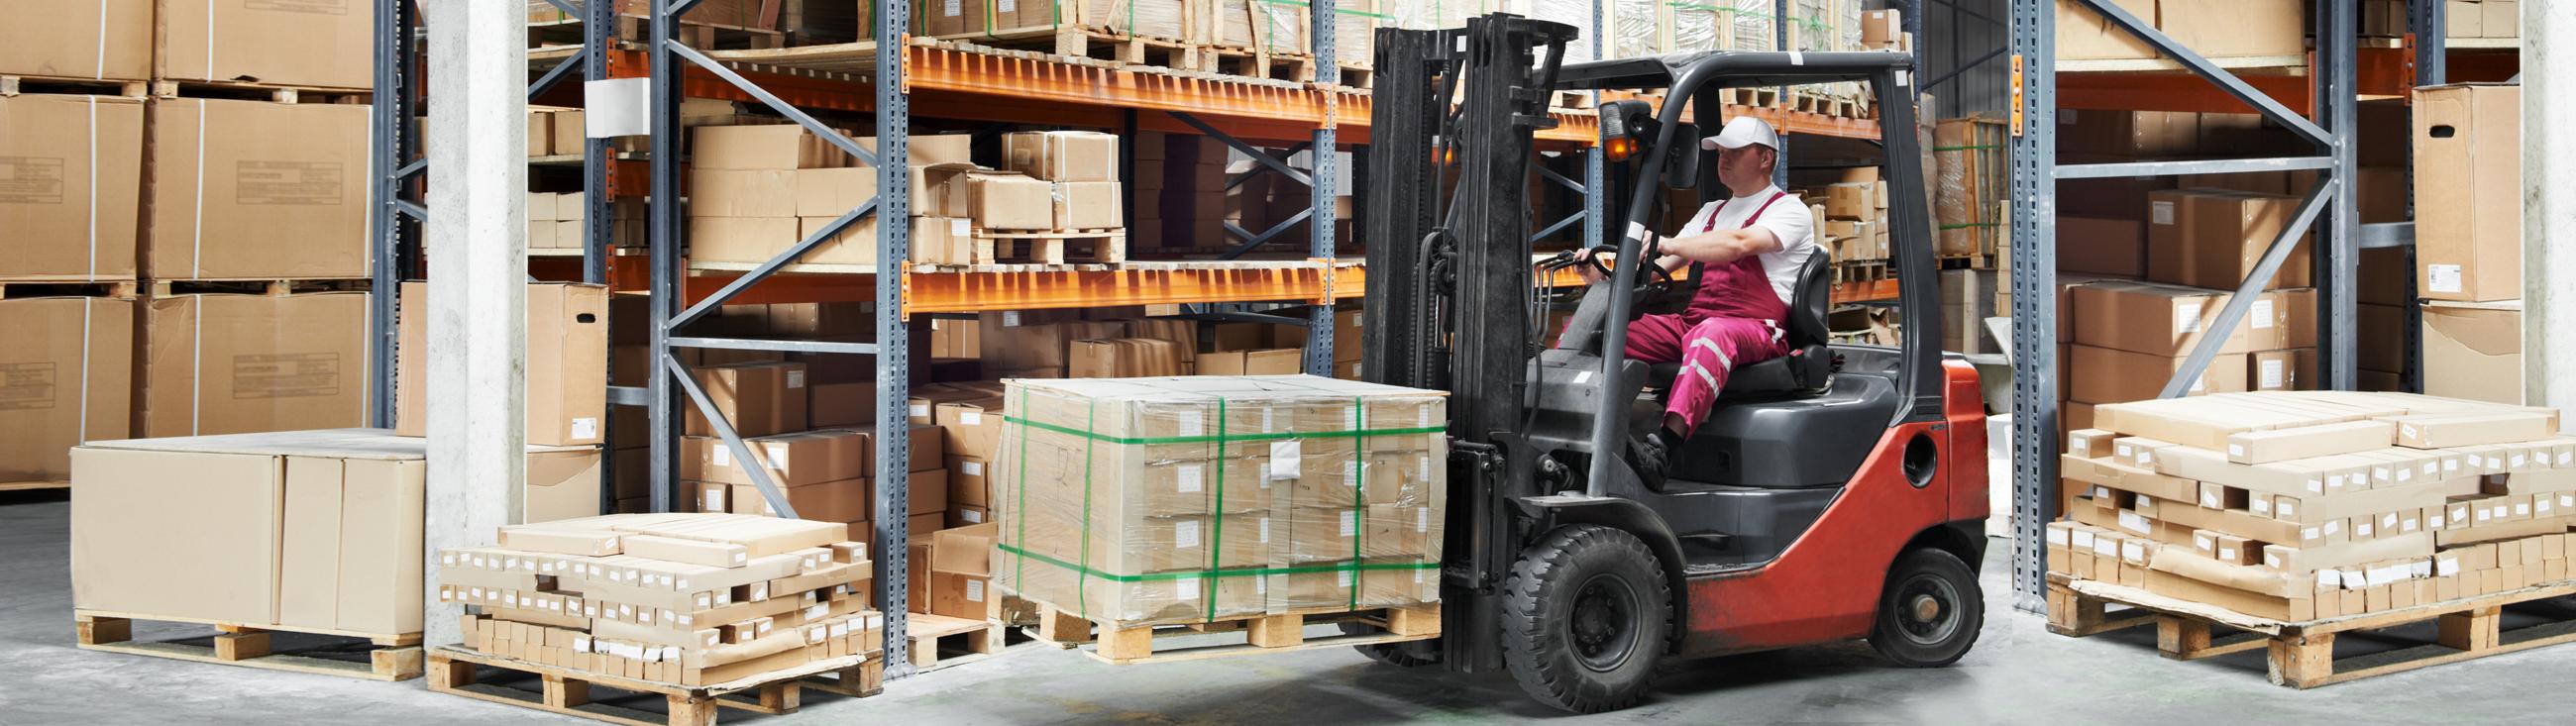 finance for fork lift trucks